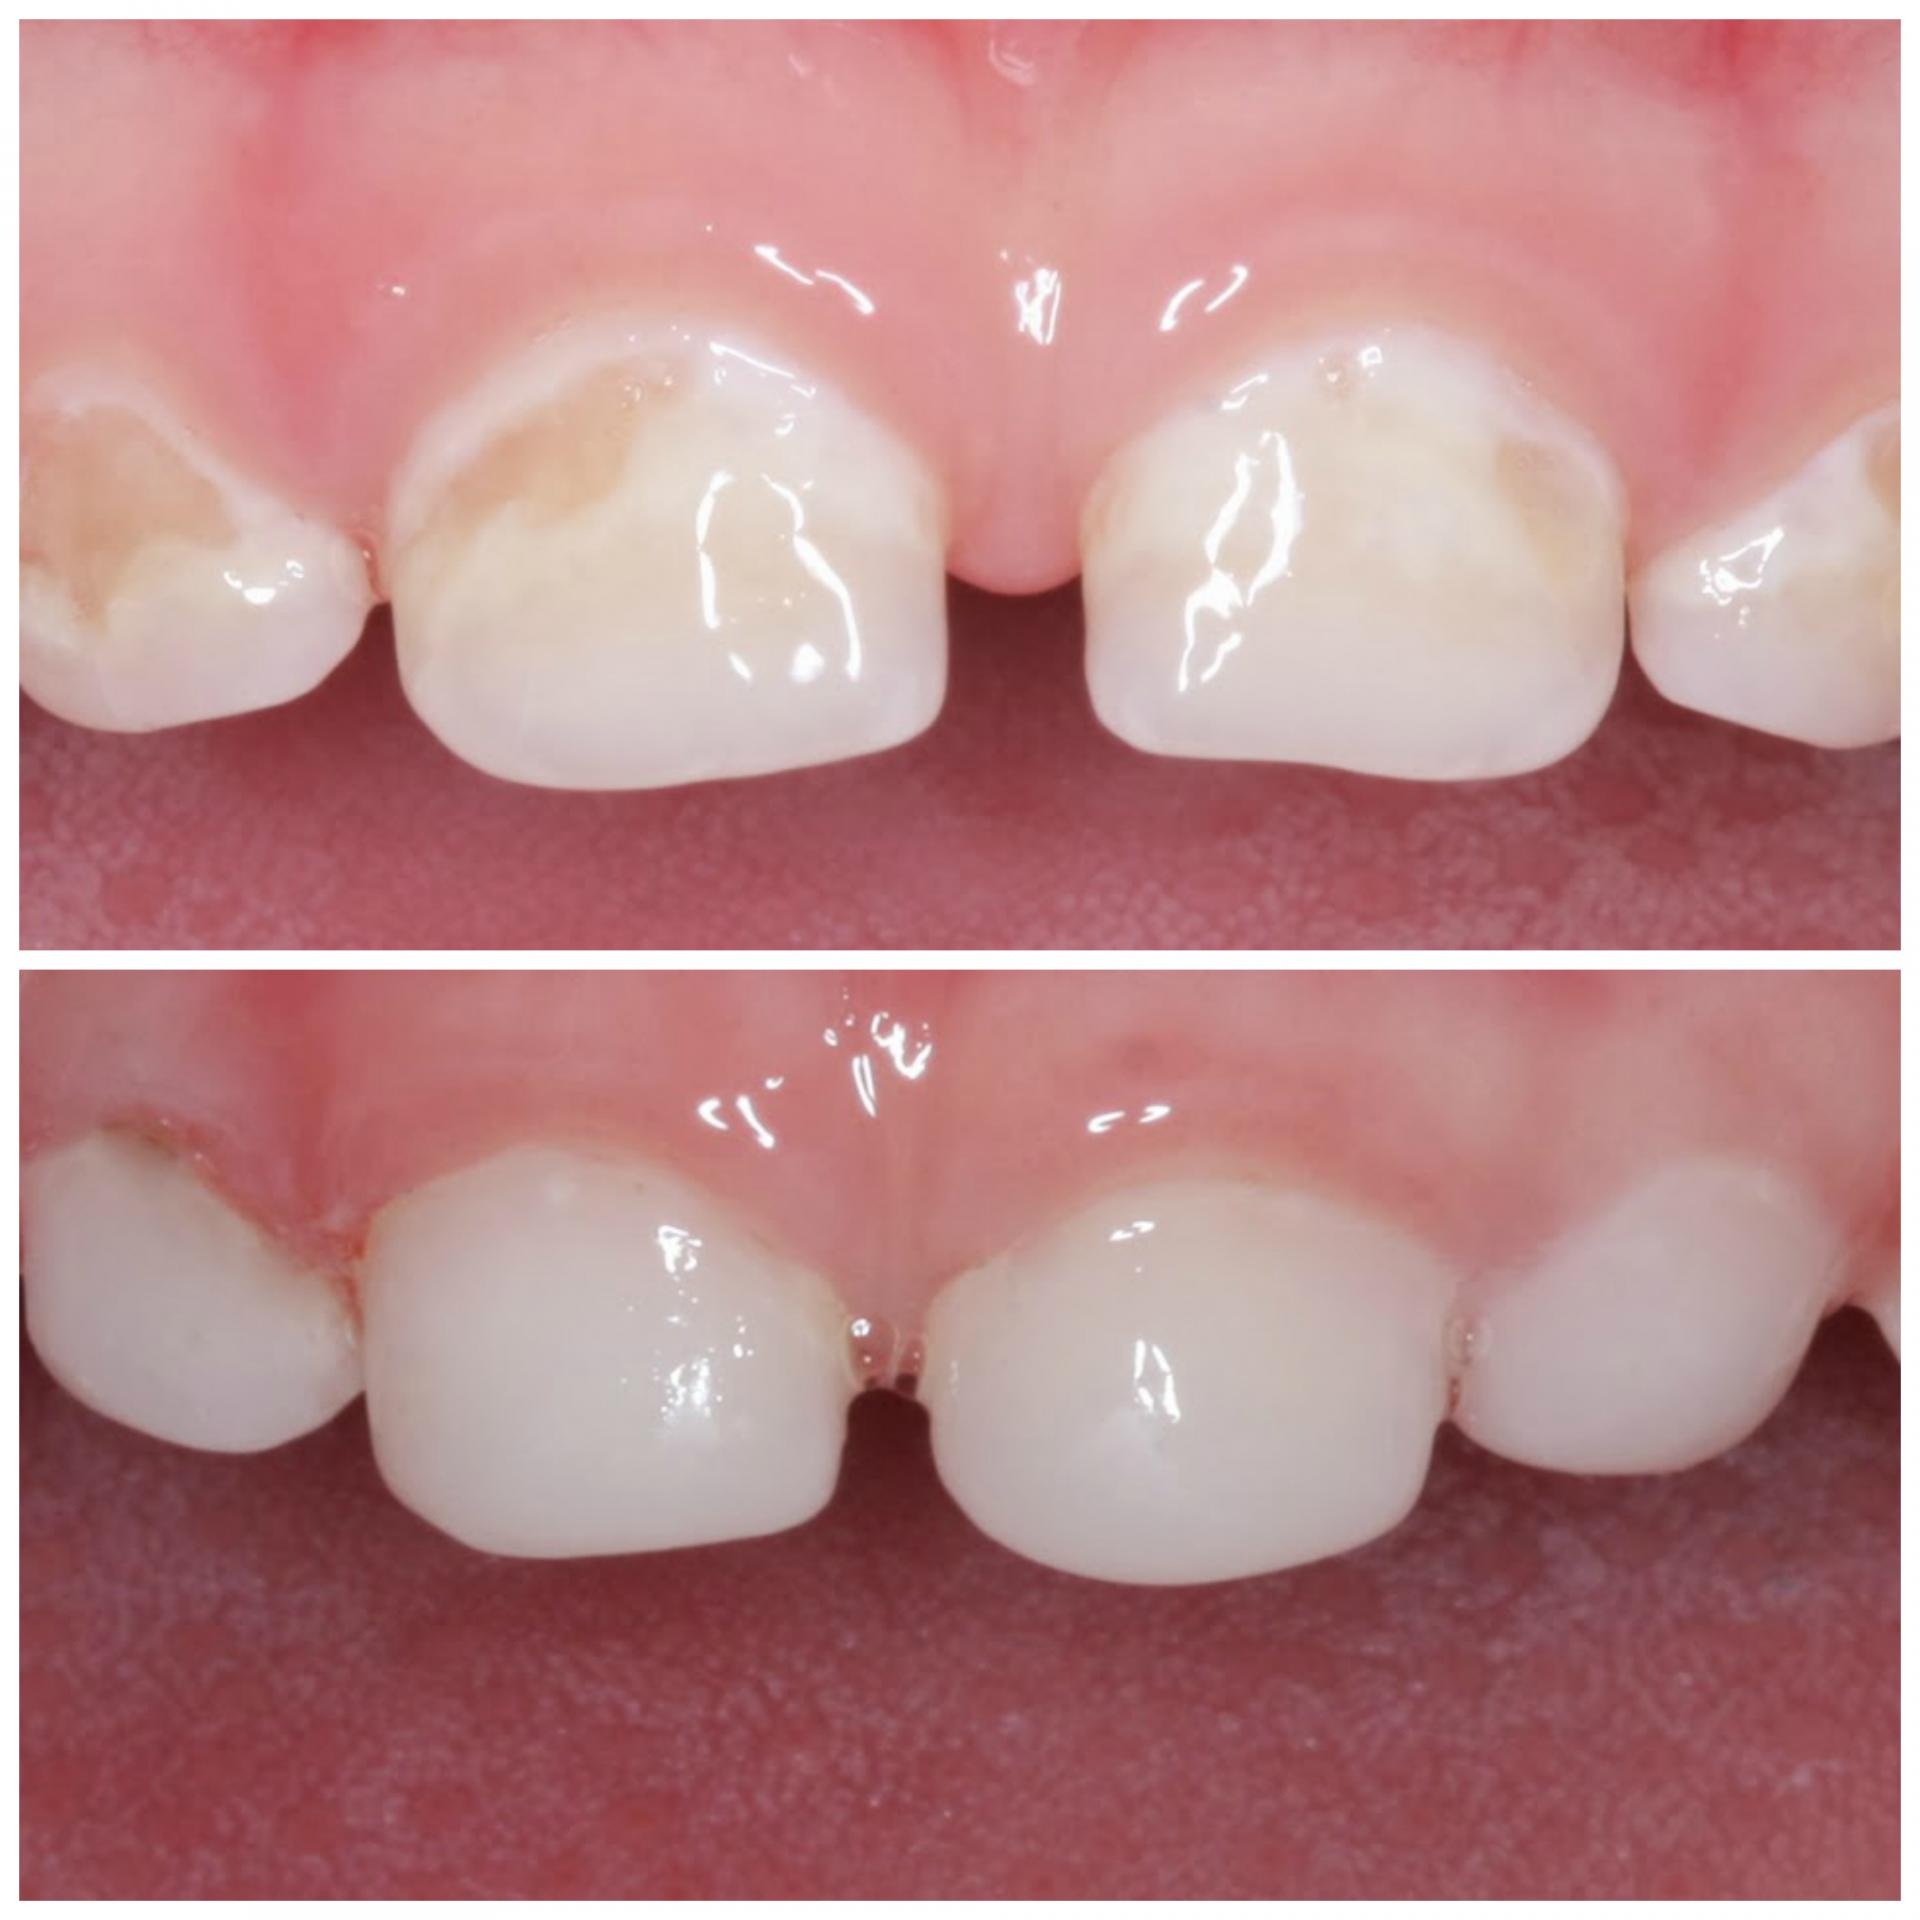 Серебрение молочных зубов у детей: суть процедуры, показания и противопоказания